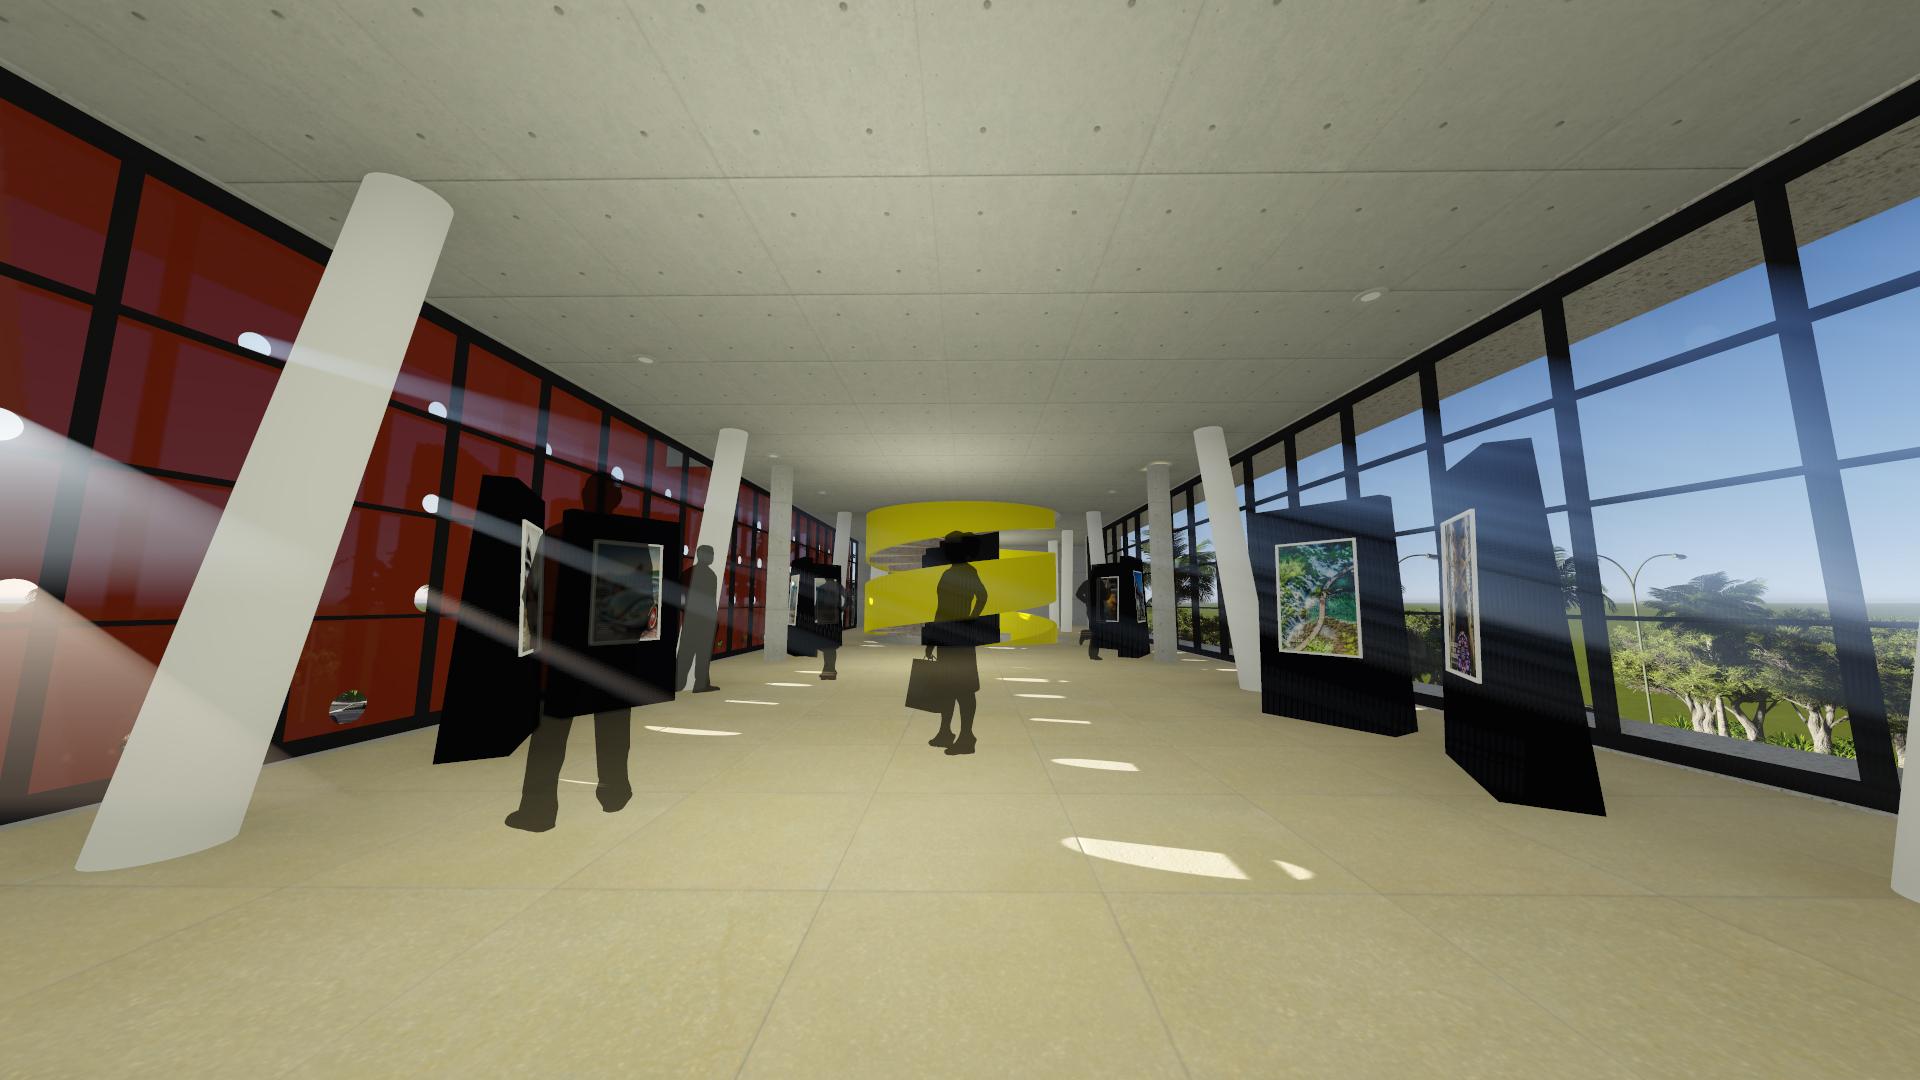 projeto-arquitetonico-museumacaiba-duo-arquitetura-018.jpg